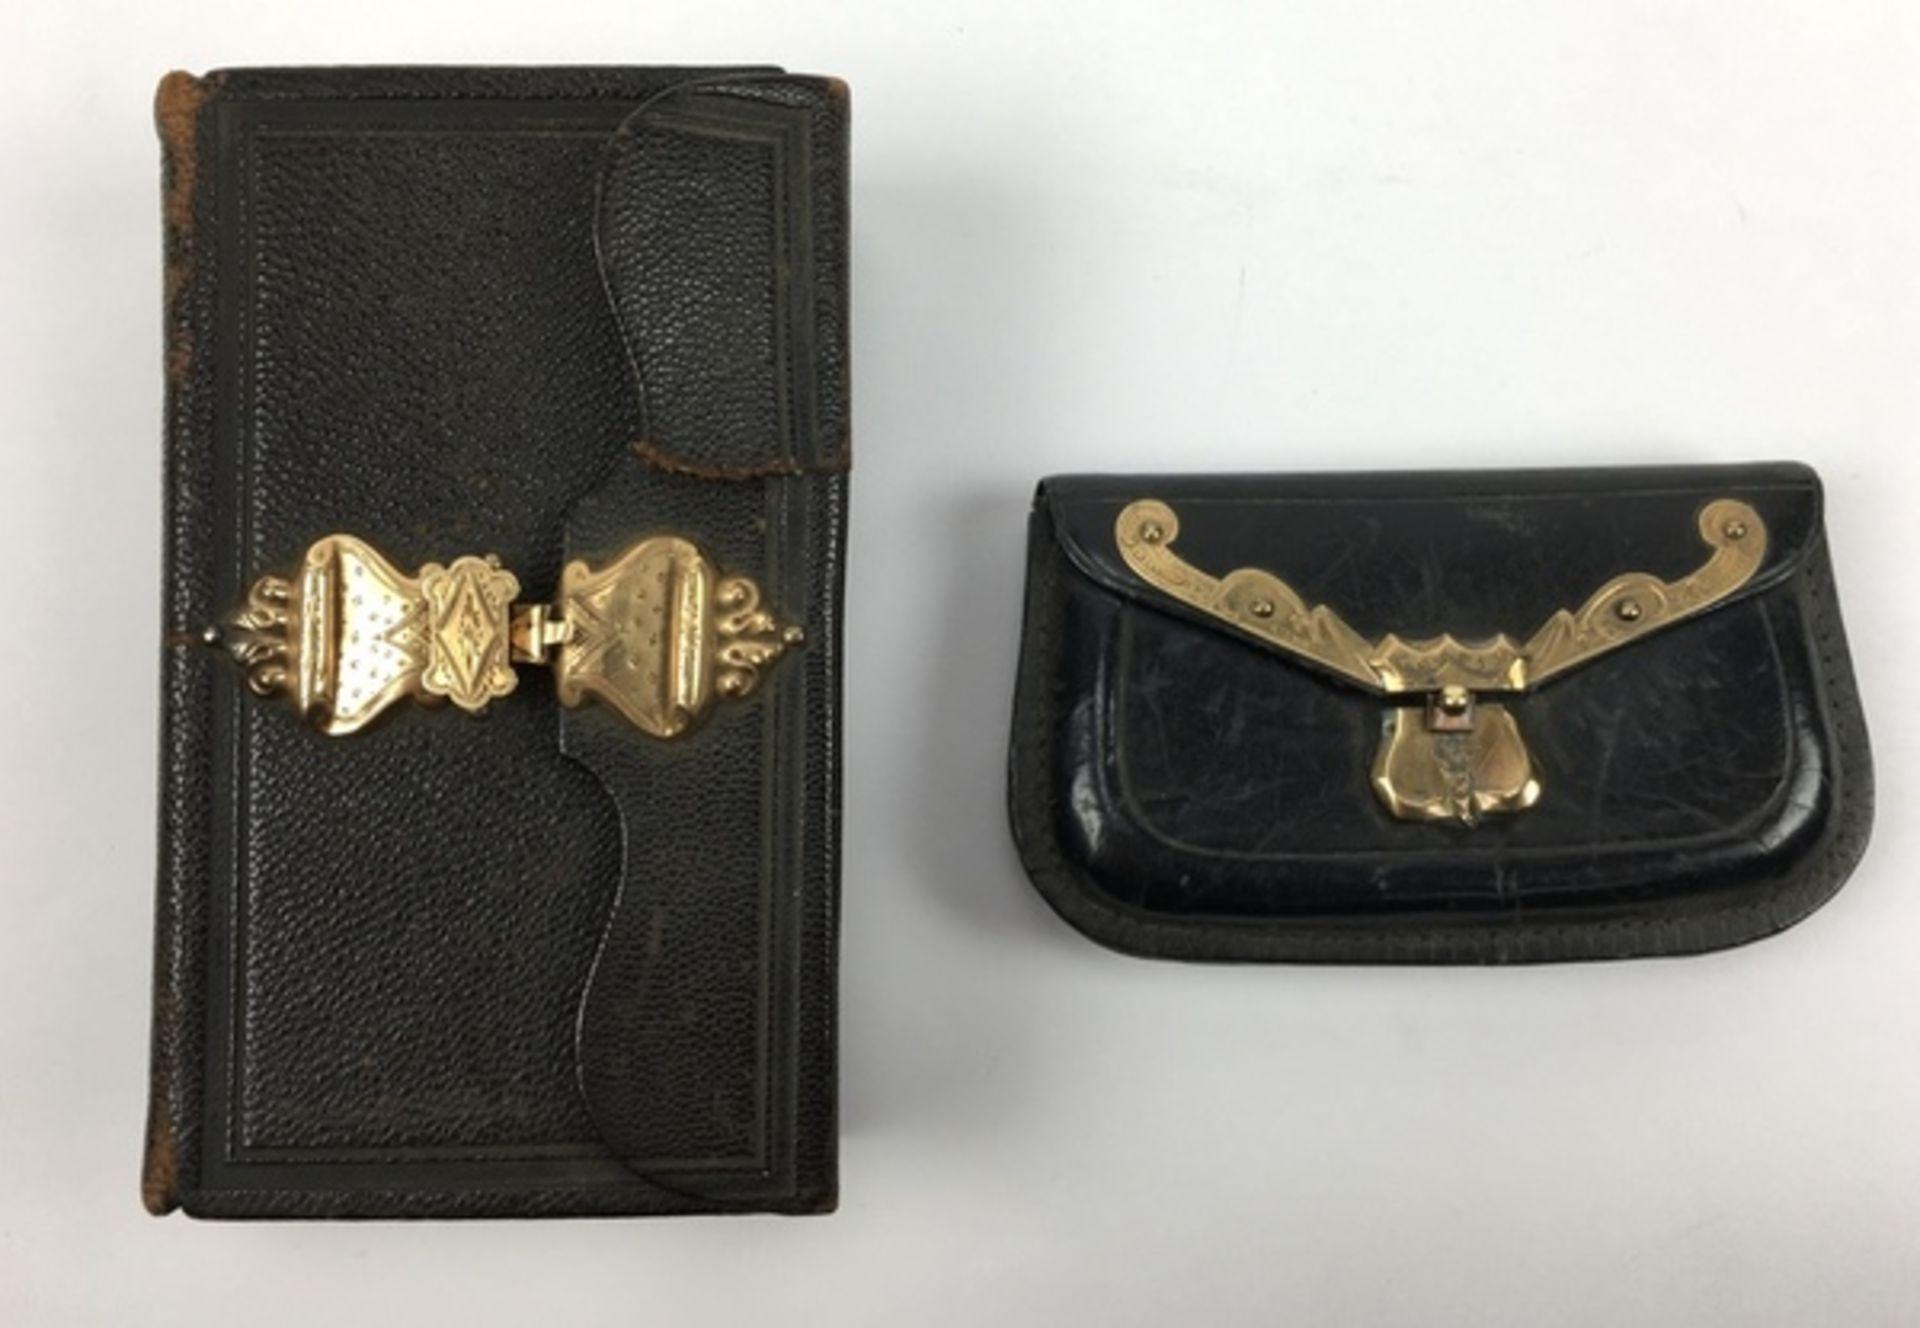 (Antiek) Bijbel en portemonnee met gouden slotenBijbel met leren kaft en gouden slot uit 1884,